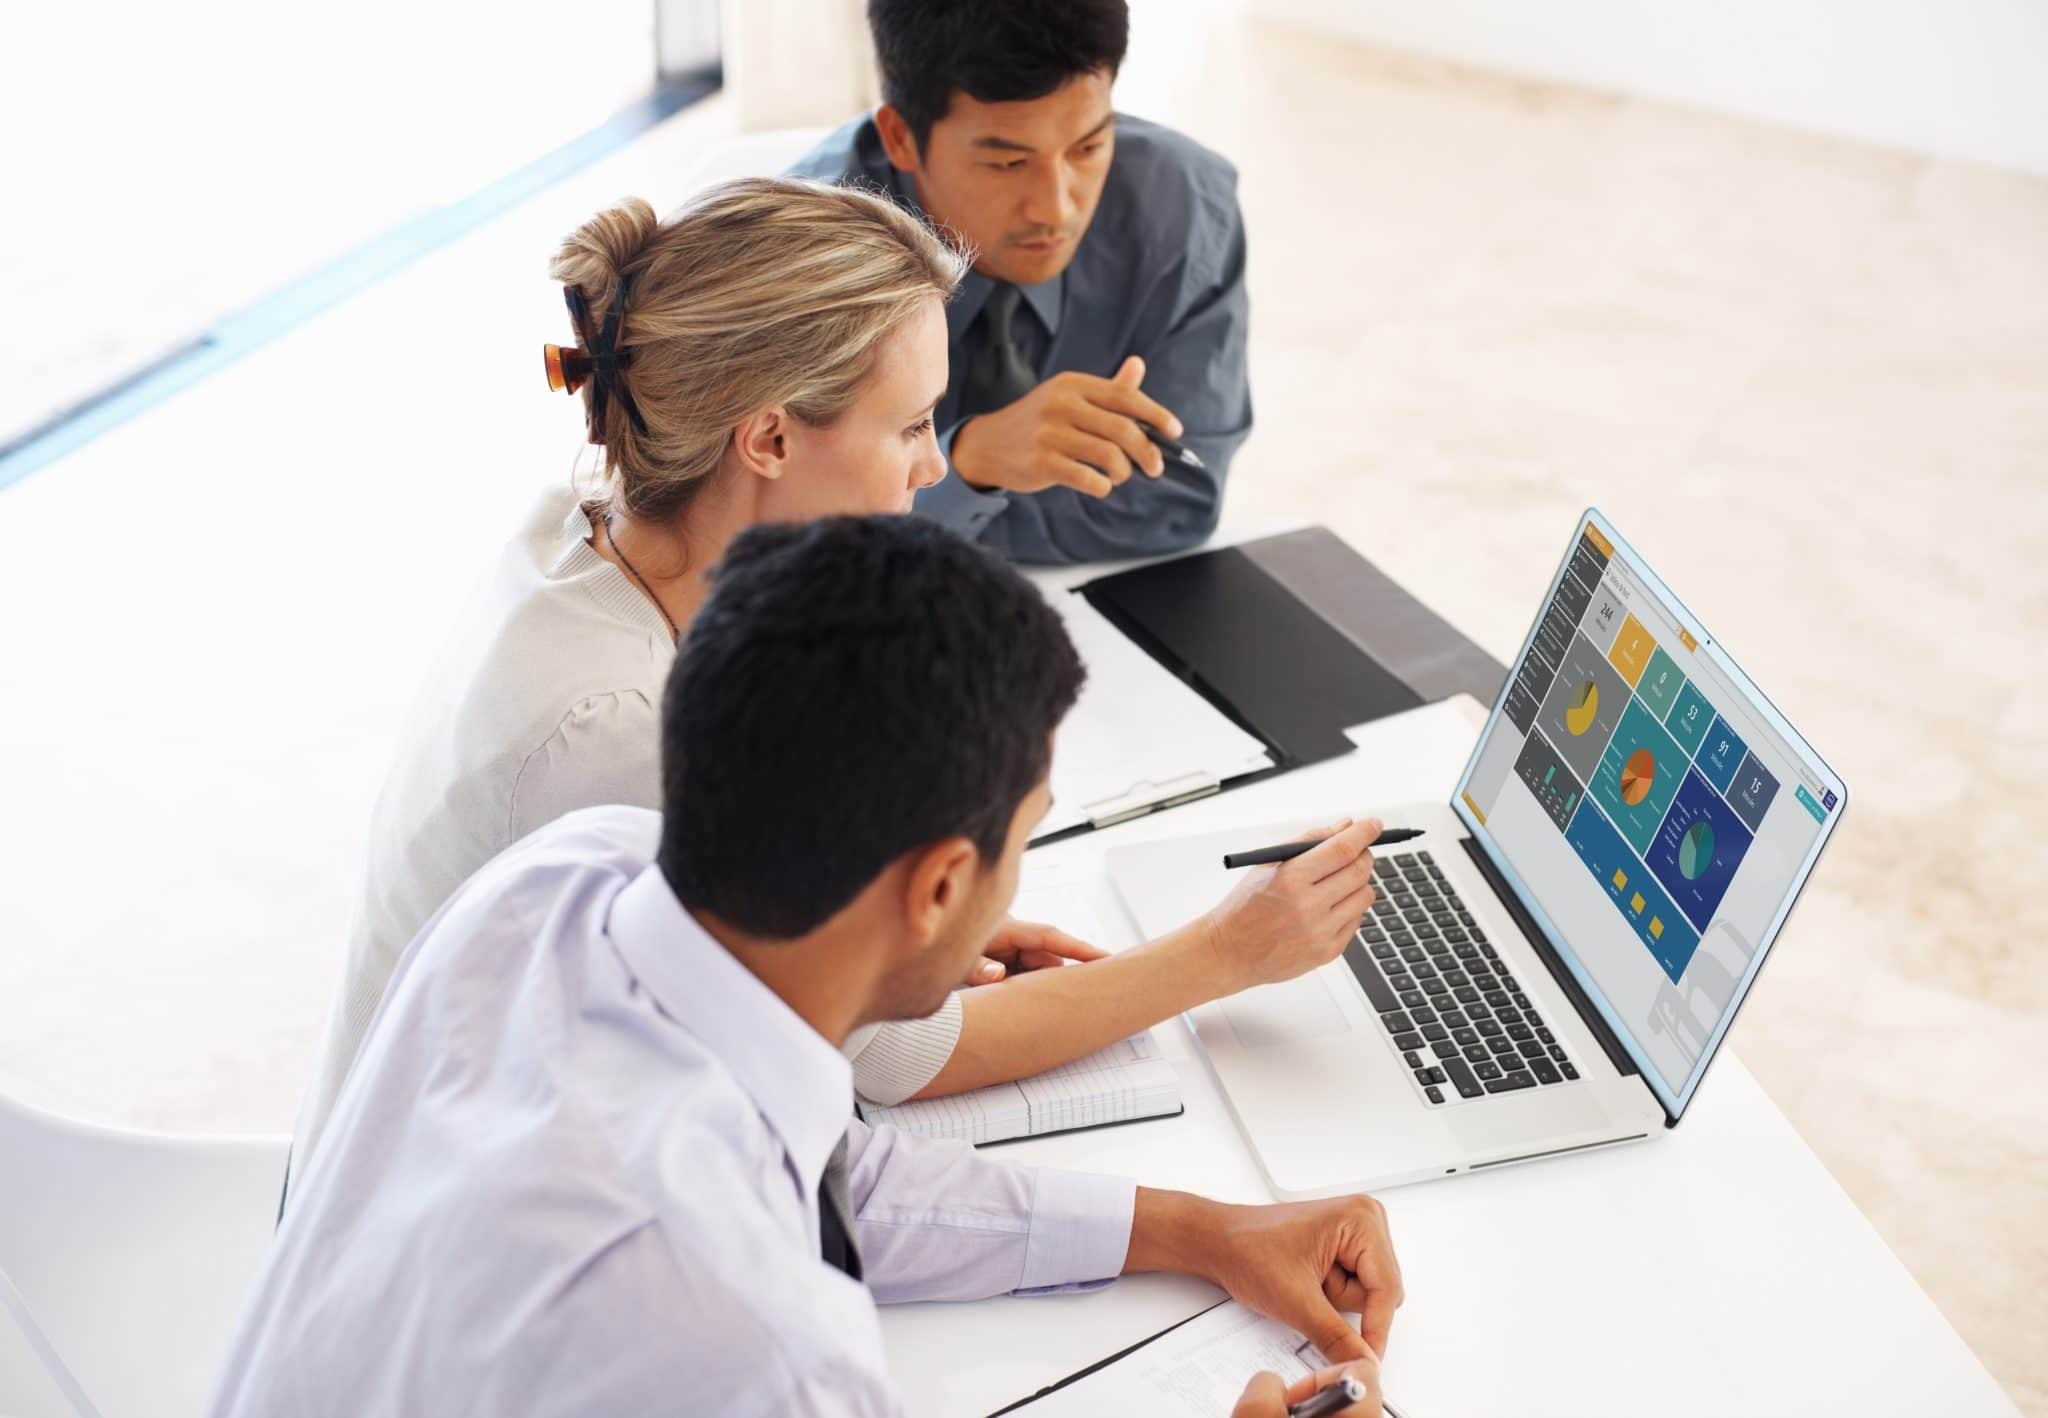 Logiciel de gestion de flotte : l'innovation au service des gestionnaires